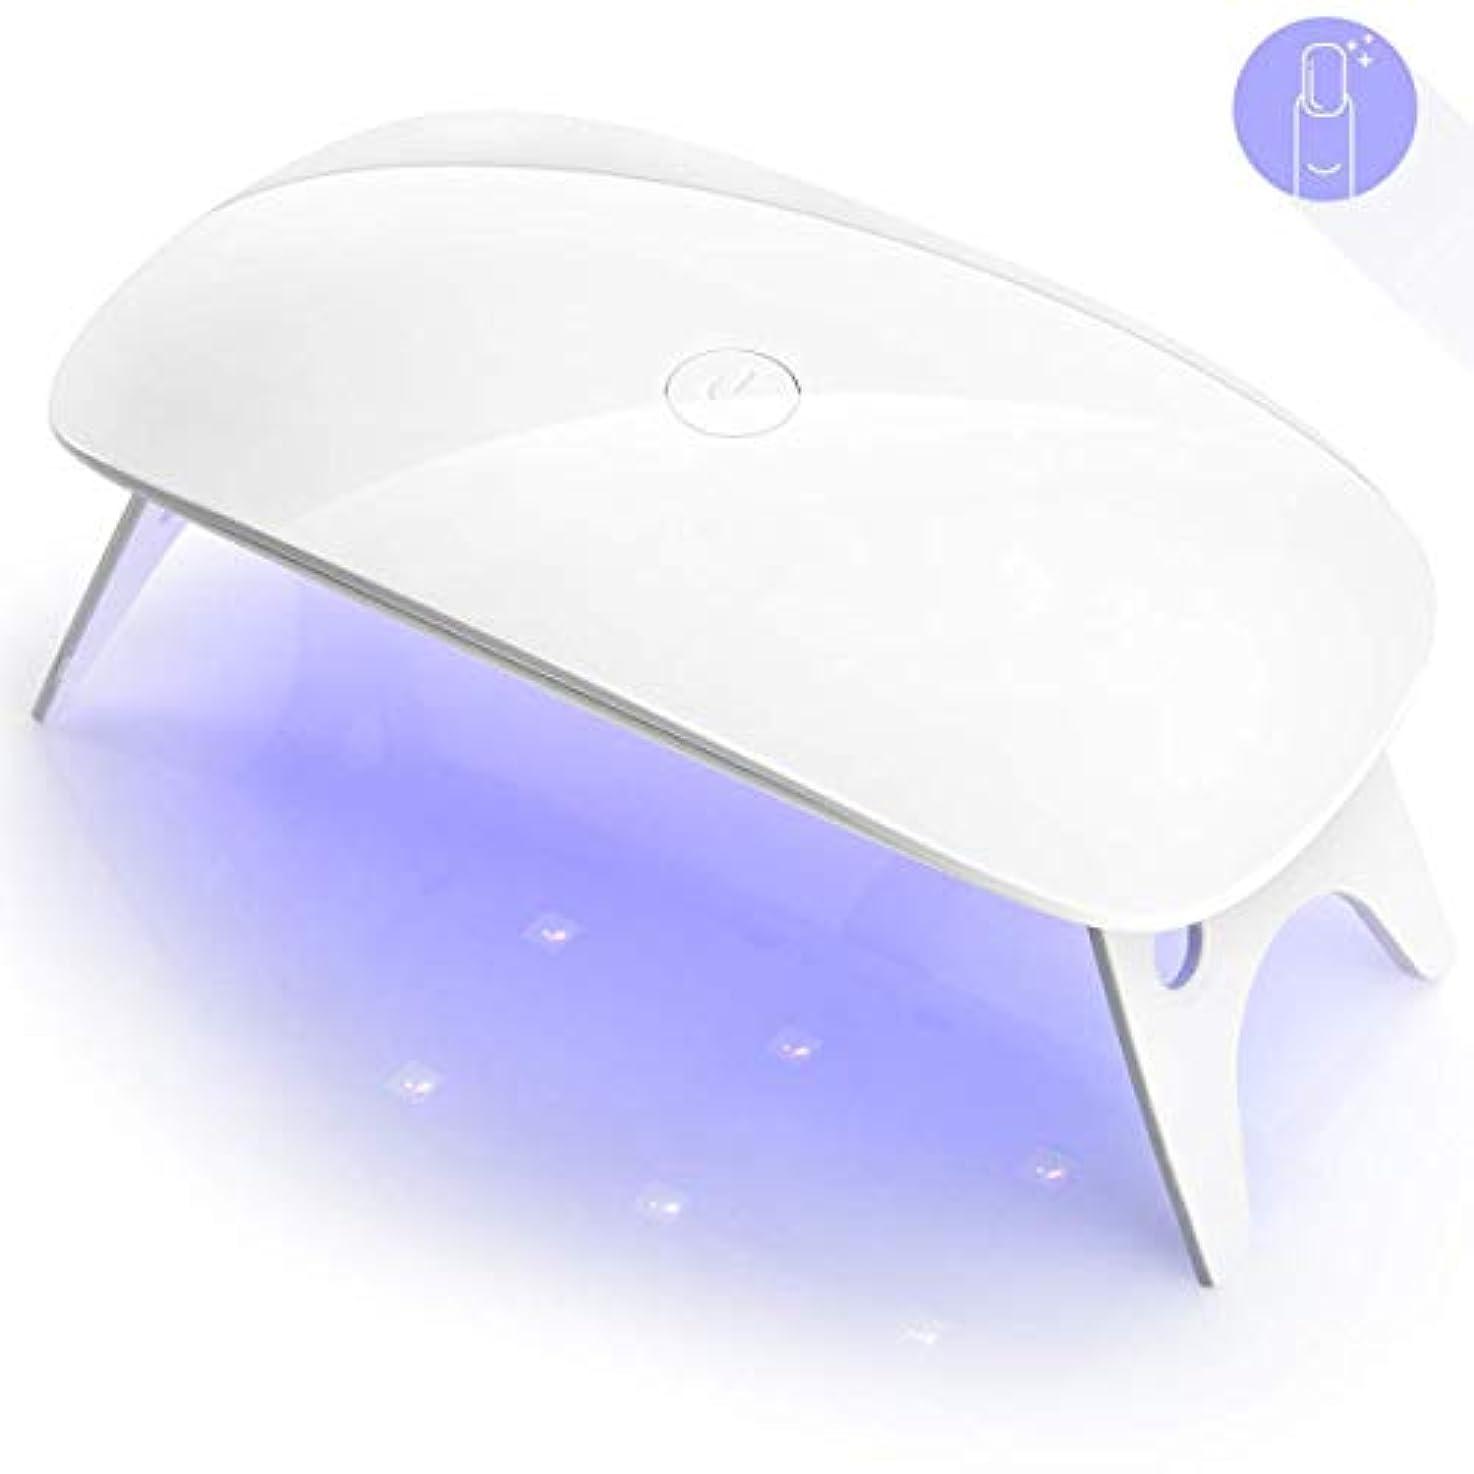 カブメトリック代表LEDネイルドライヤー UVライト 電動ネイルケア 型 携帯バッテリー ネイルケアセットコンパクト コンパクトカメラ